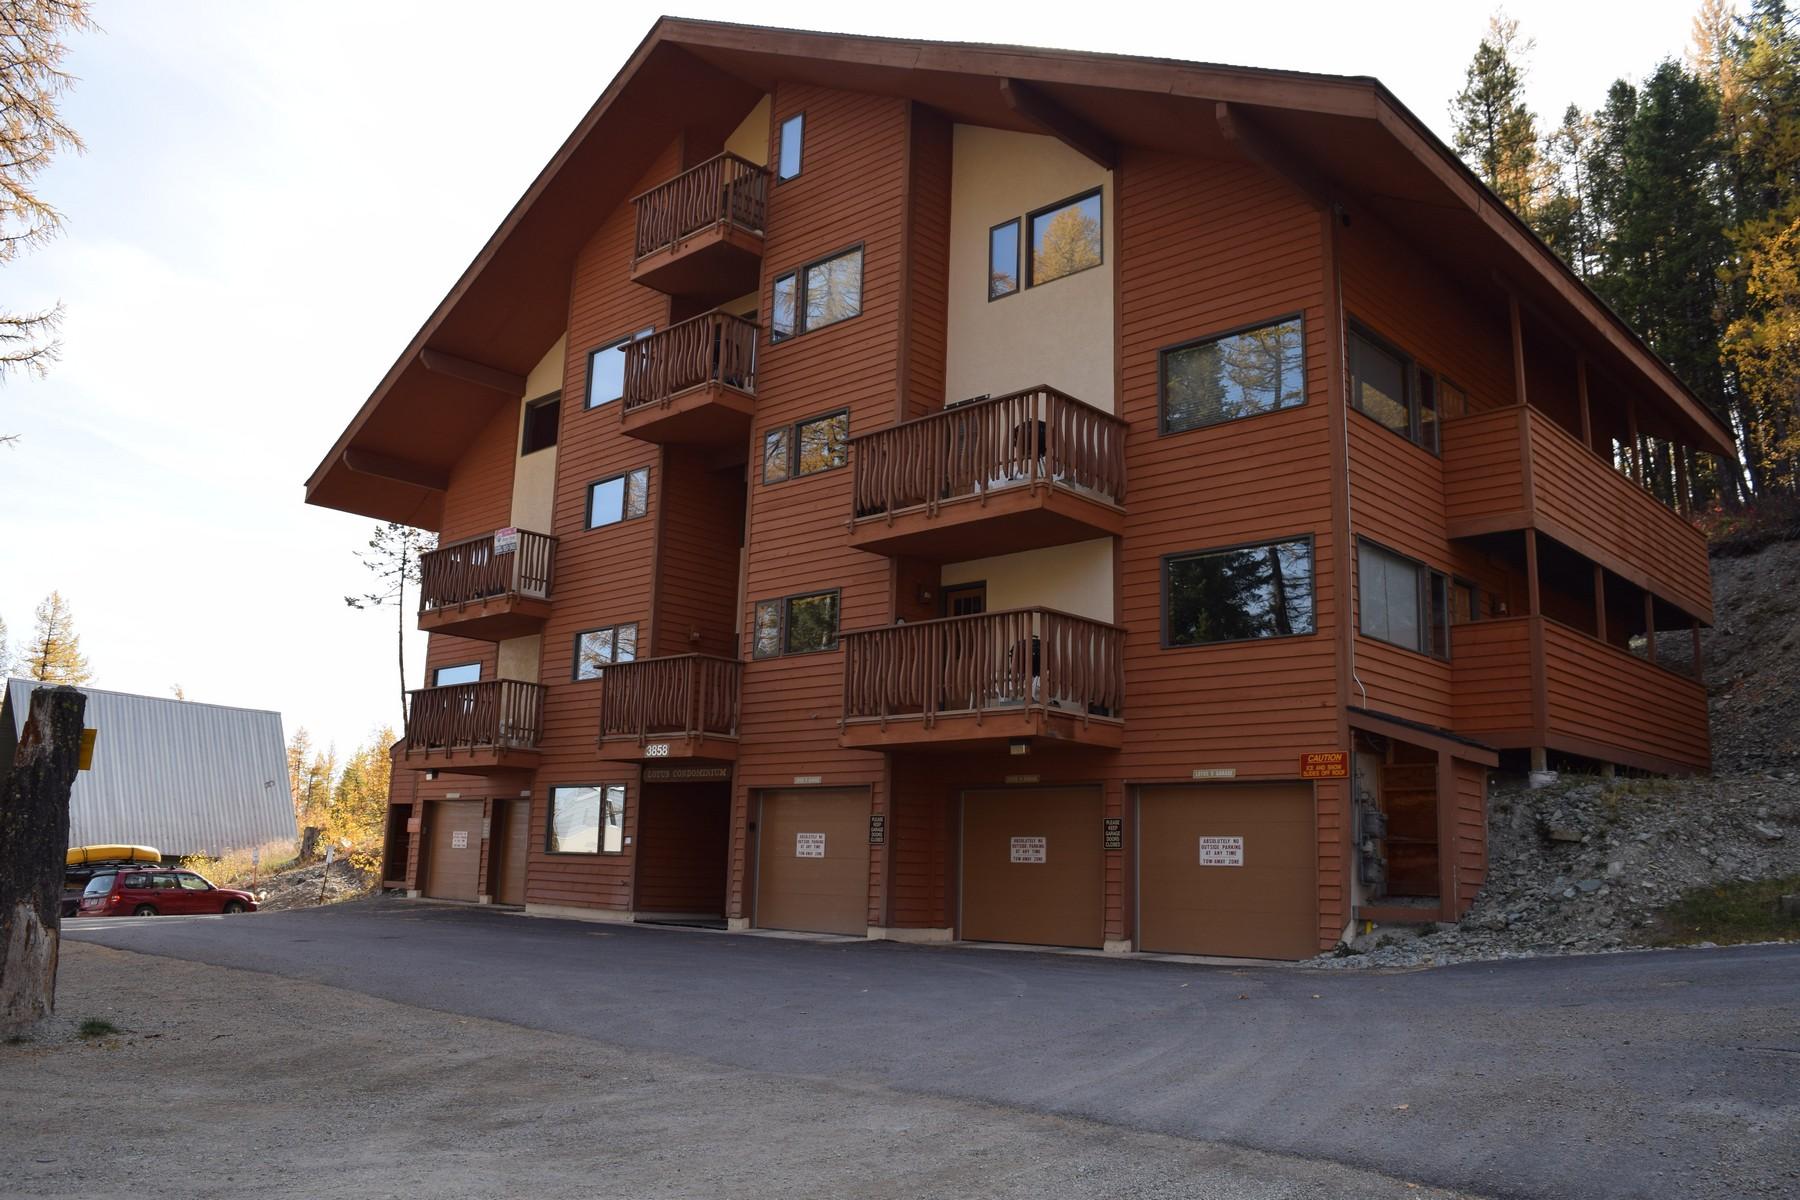 Condominium for Sale at 3858 Winter Lane, Lotus C3, Whitefish, MT 59937 3858 Winter Ln Lotus C3 Whitefish, Montana 59937 United States